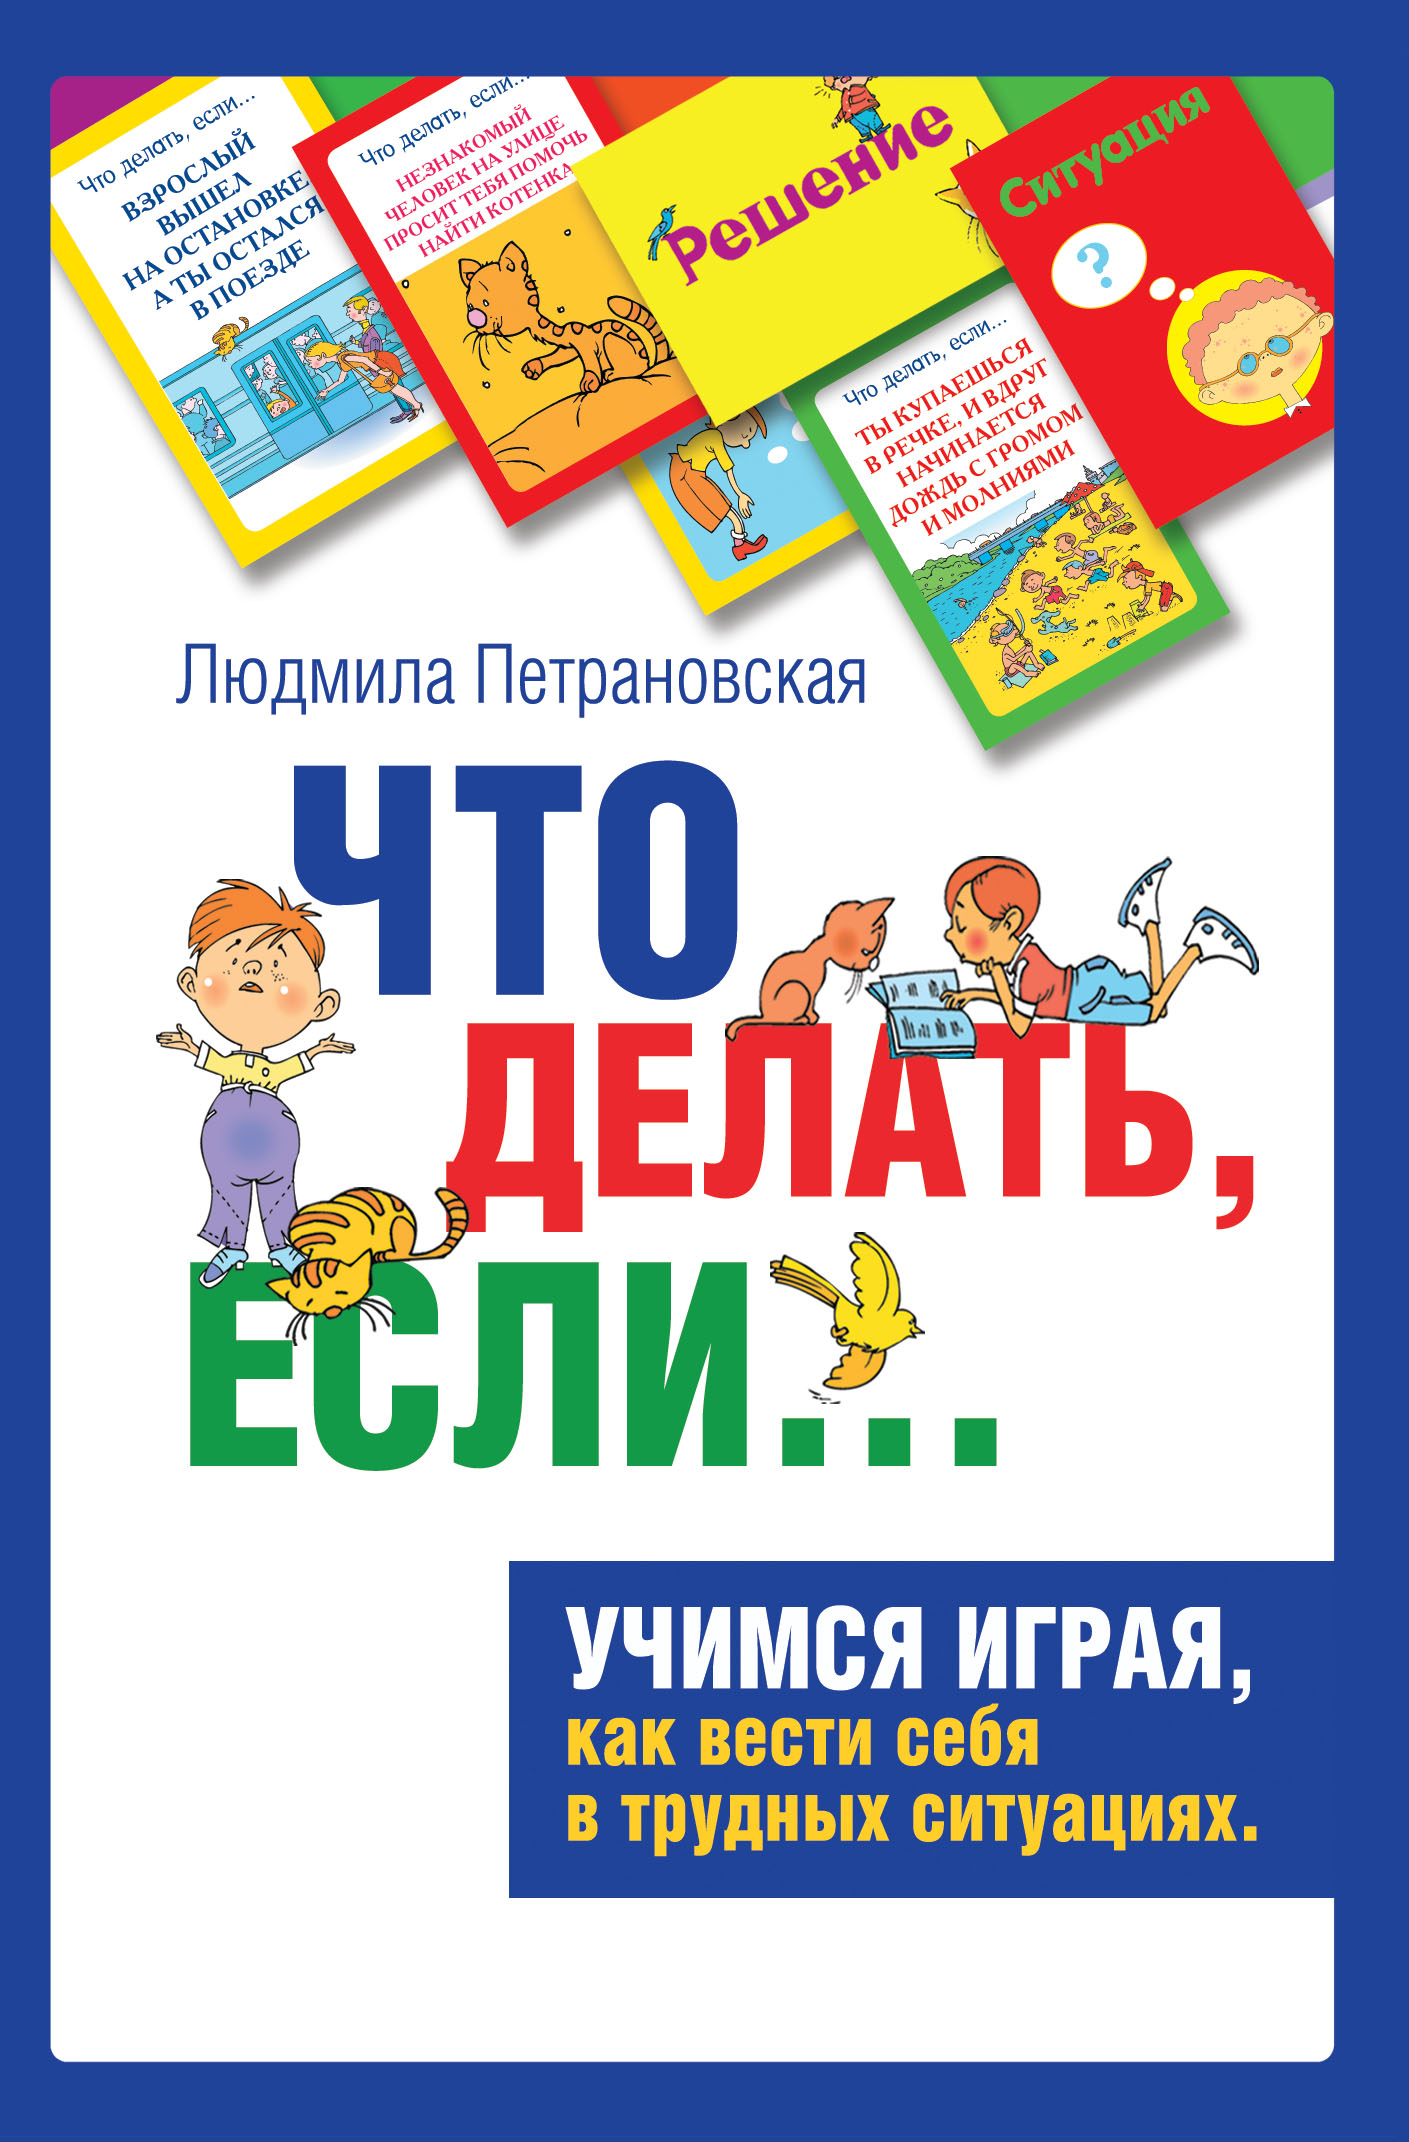 Петрановская Л.В. Психологическая игра для детей Что делать если...